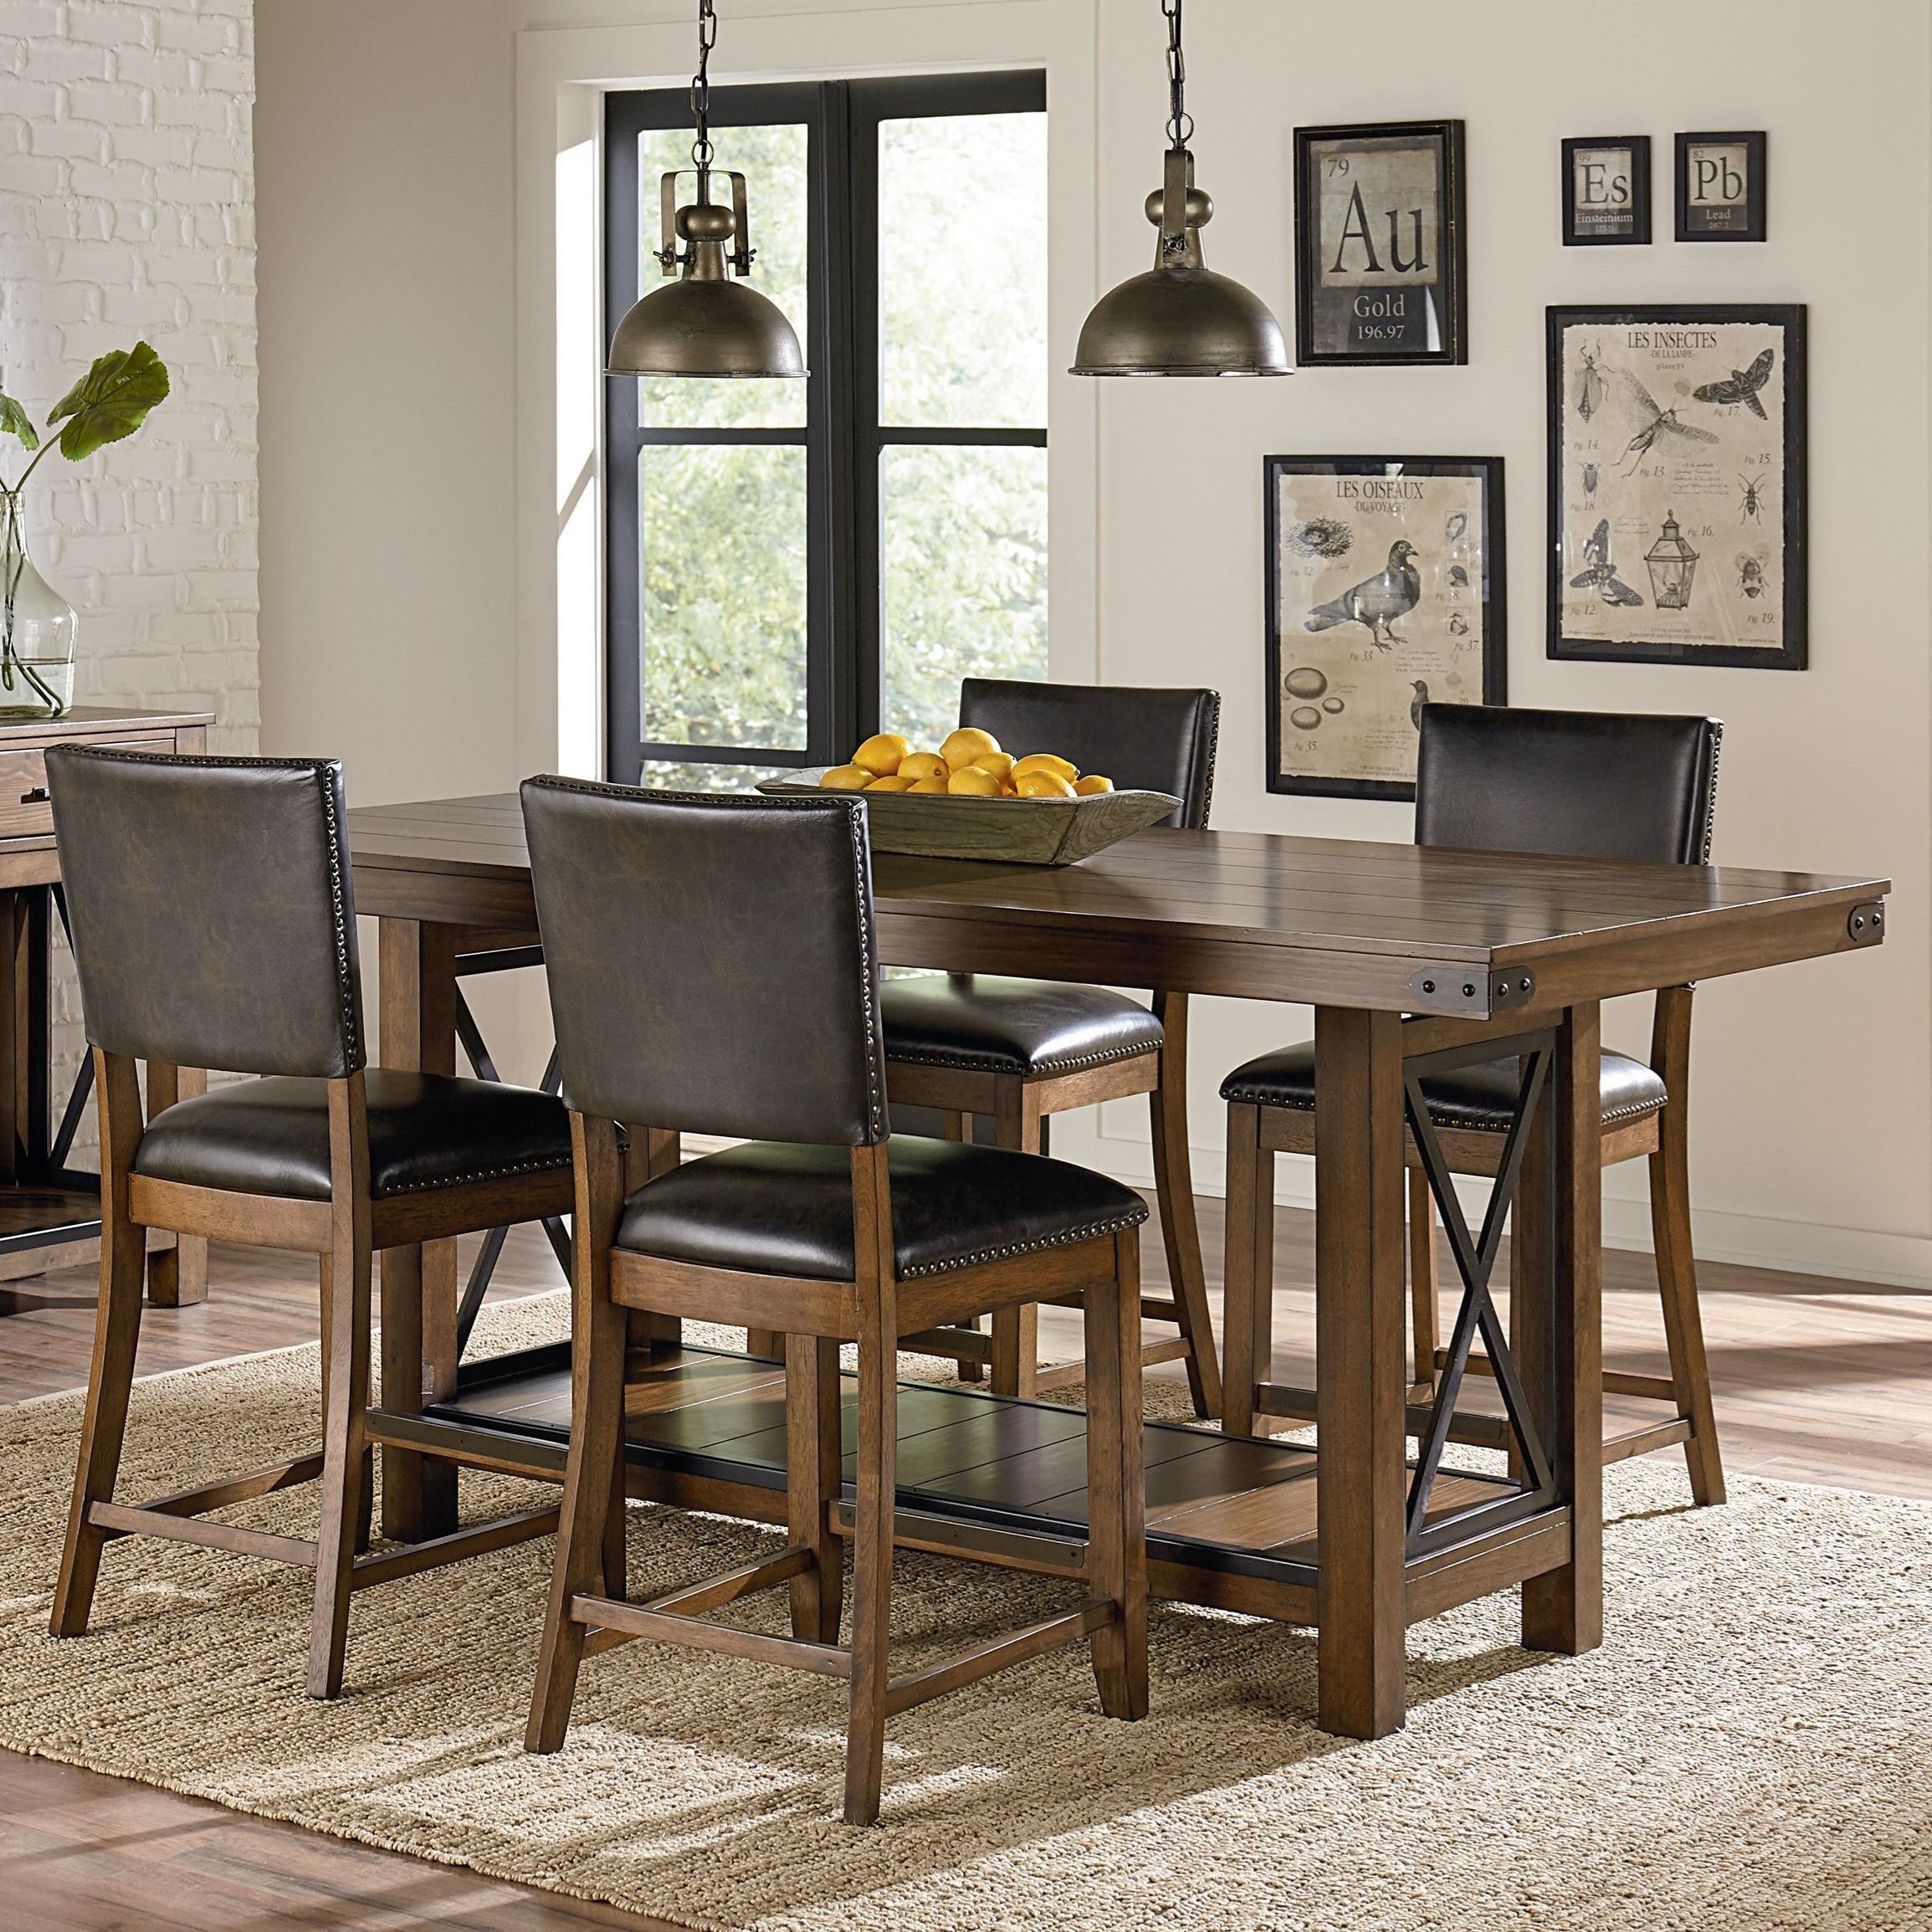 Standard furniture benson counter height rustic table and for Rustic counter height table